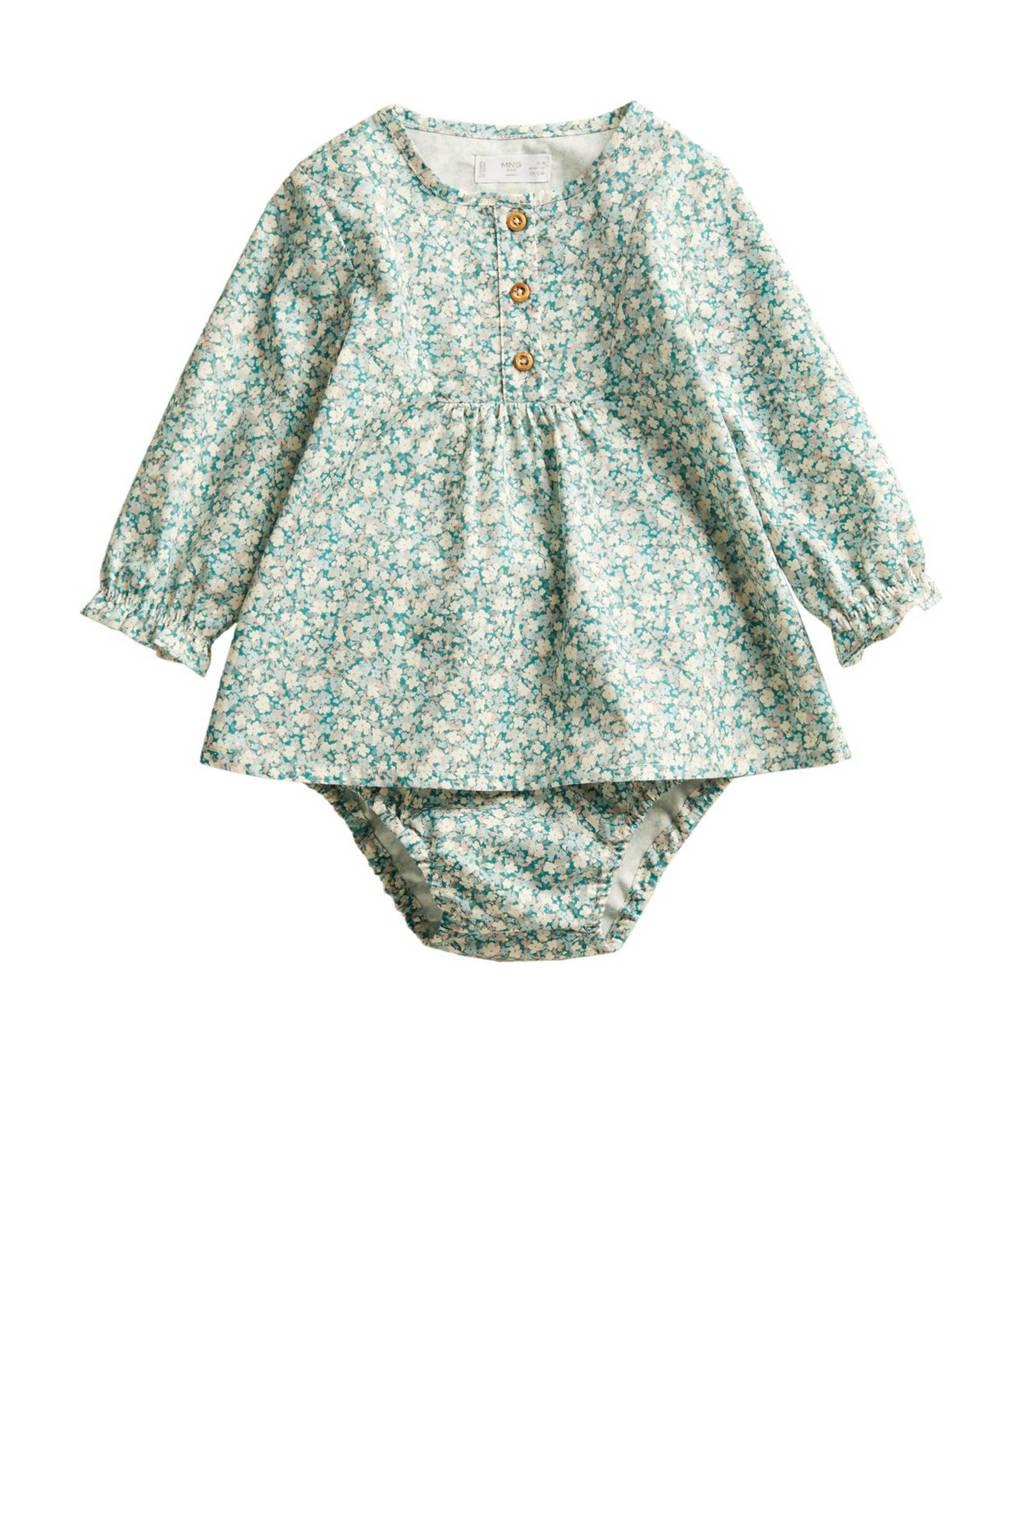 Mango Kids newborn baby jurk met broekje groen/ecru, Groen/ecru